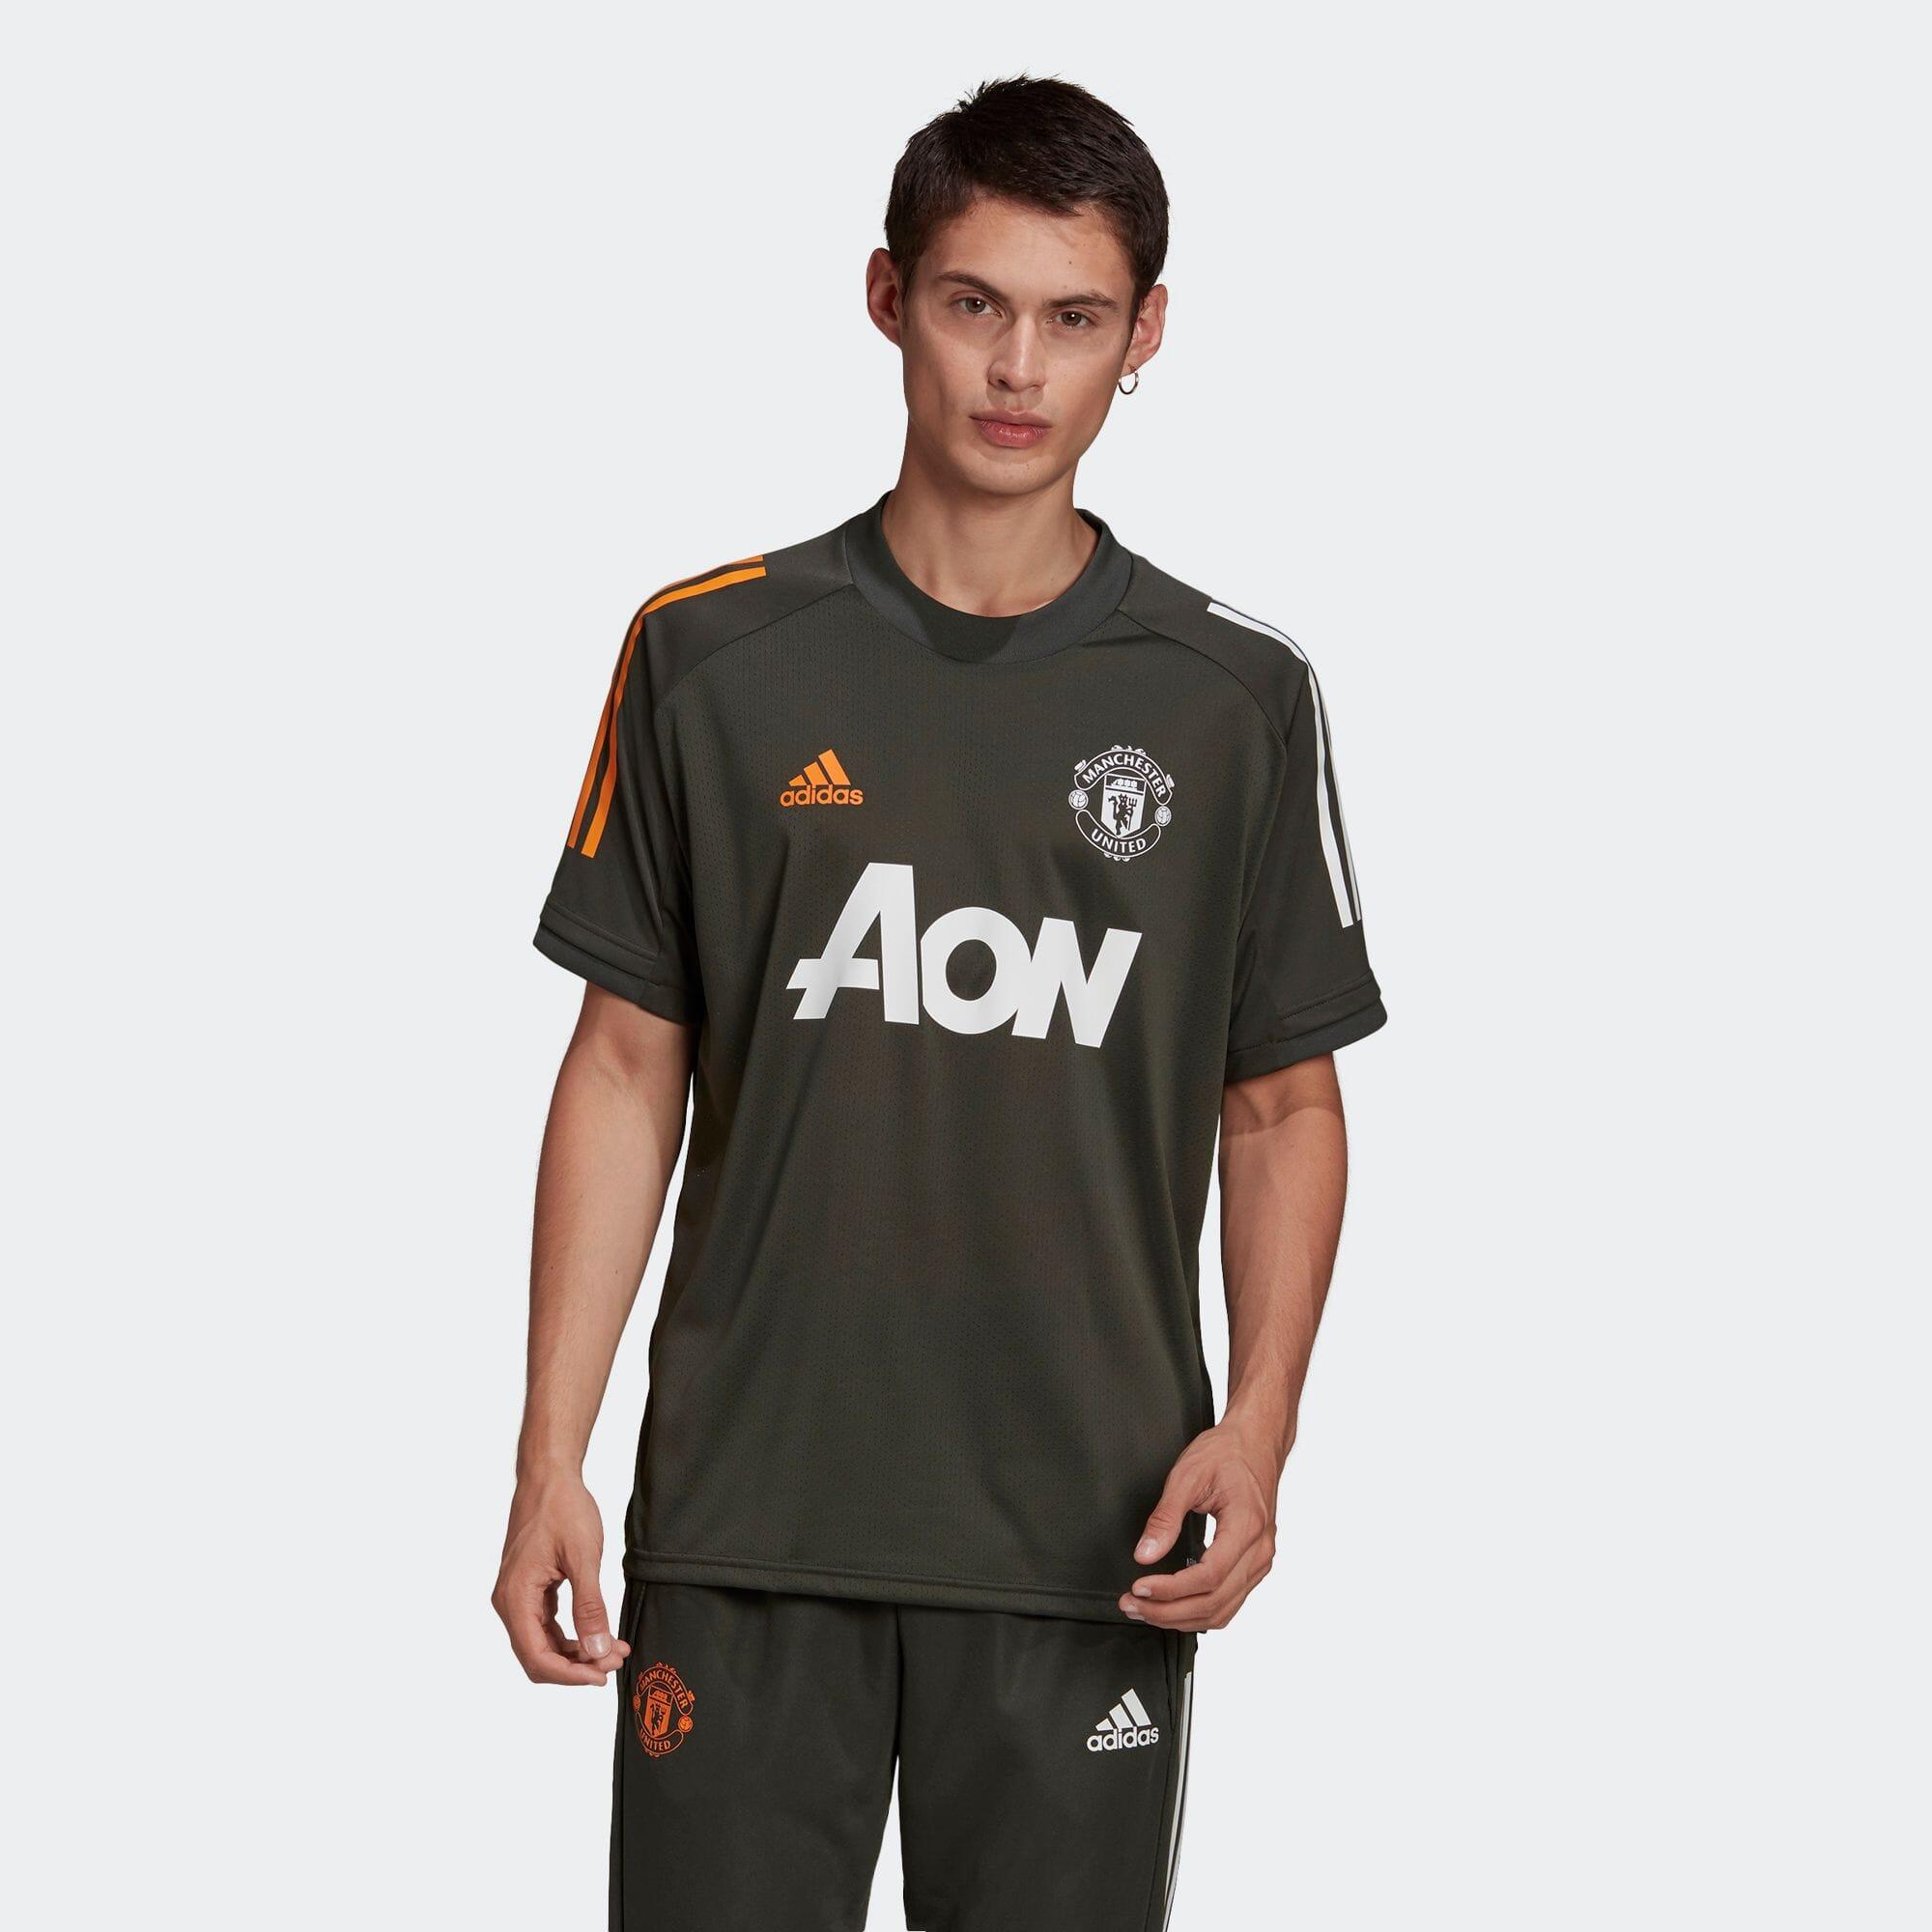 マンチェスター・ユナイテッド トレーニング ジャージー / Manchester United Training Jersey